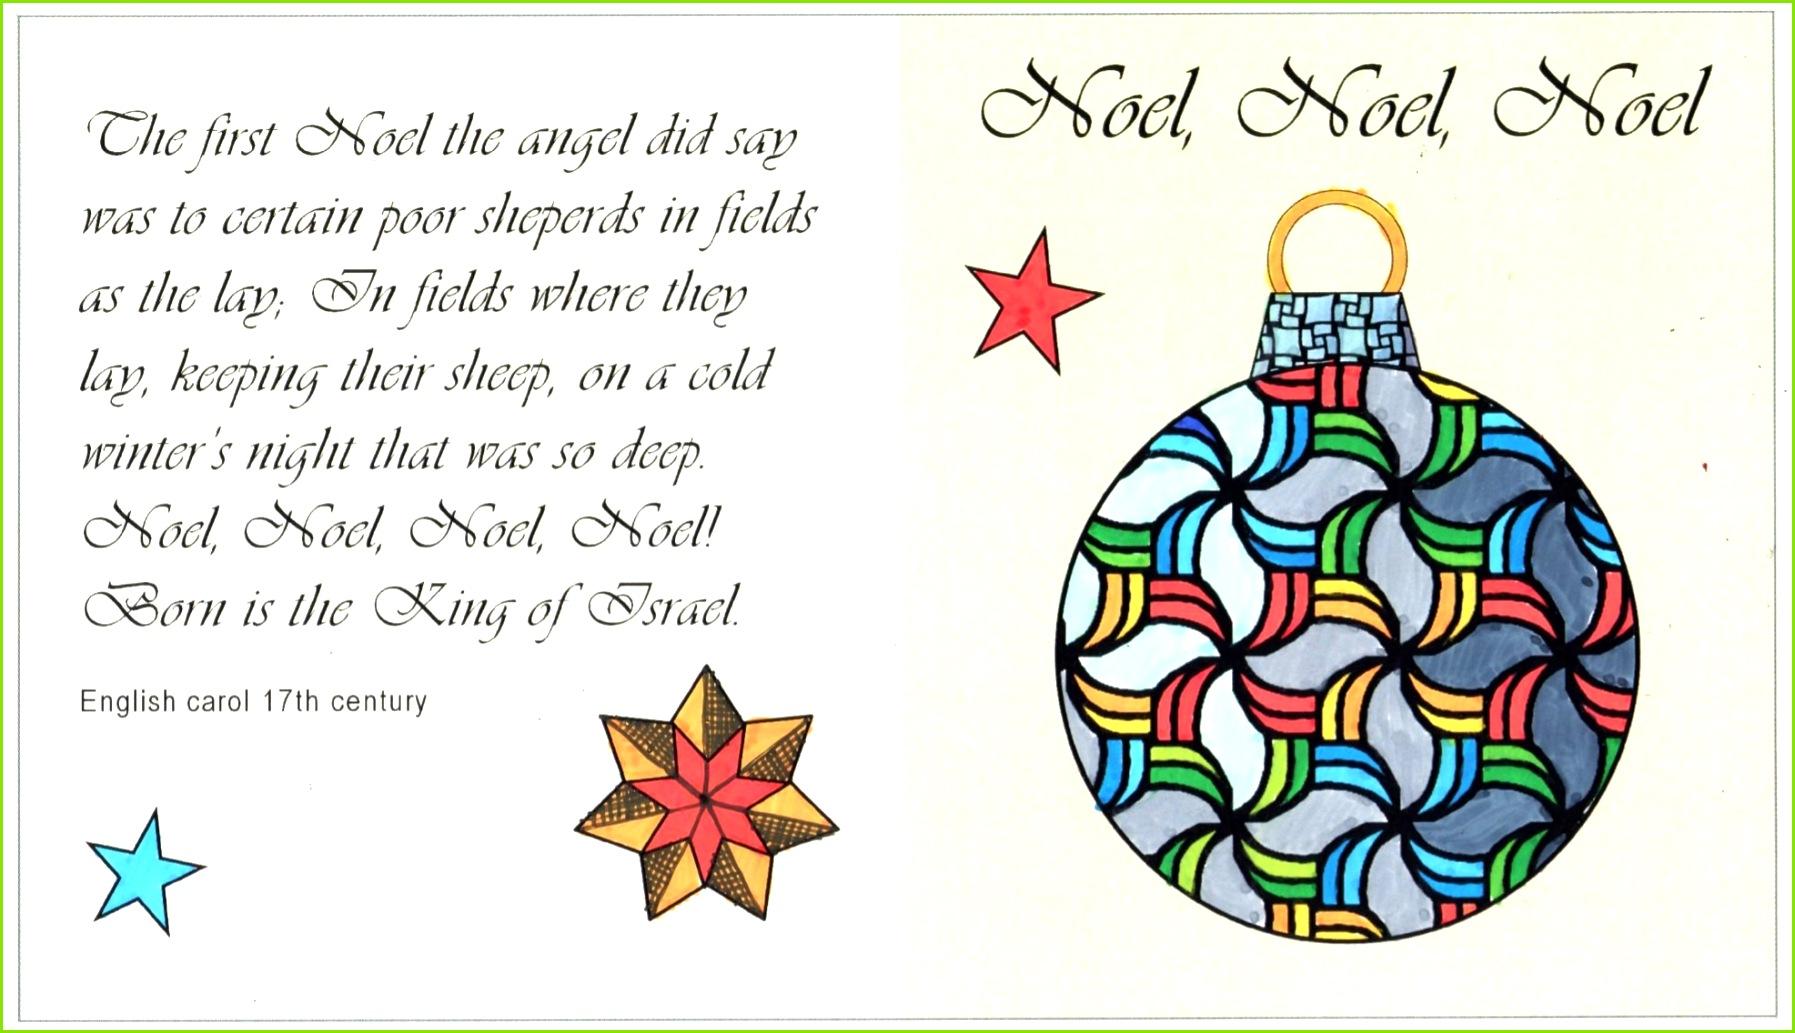 Weihnachtskarten Vorlagen Weihnachtskarten 0d Archives Grußkarte Pensée De Image Pour Noel